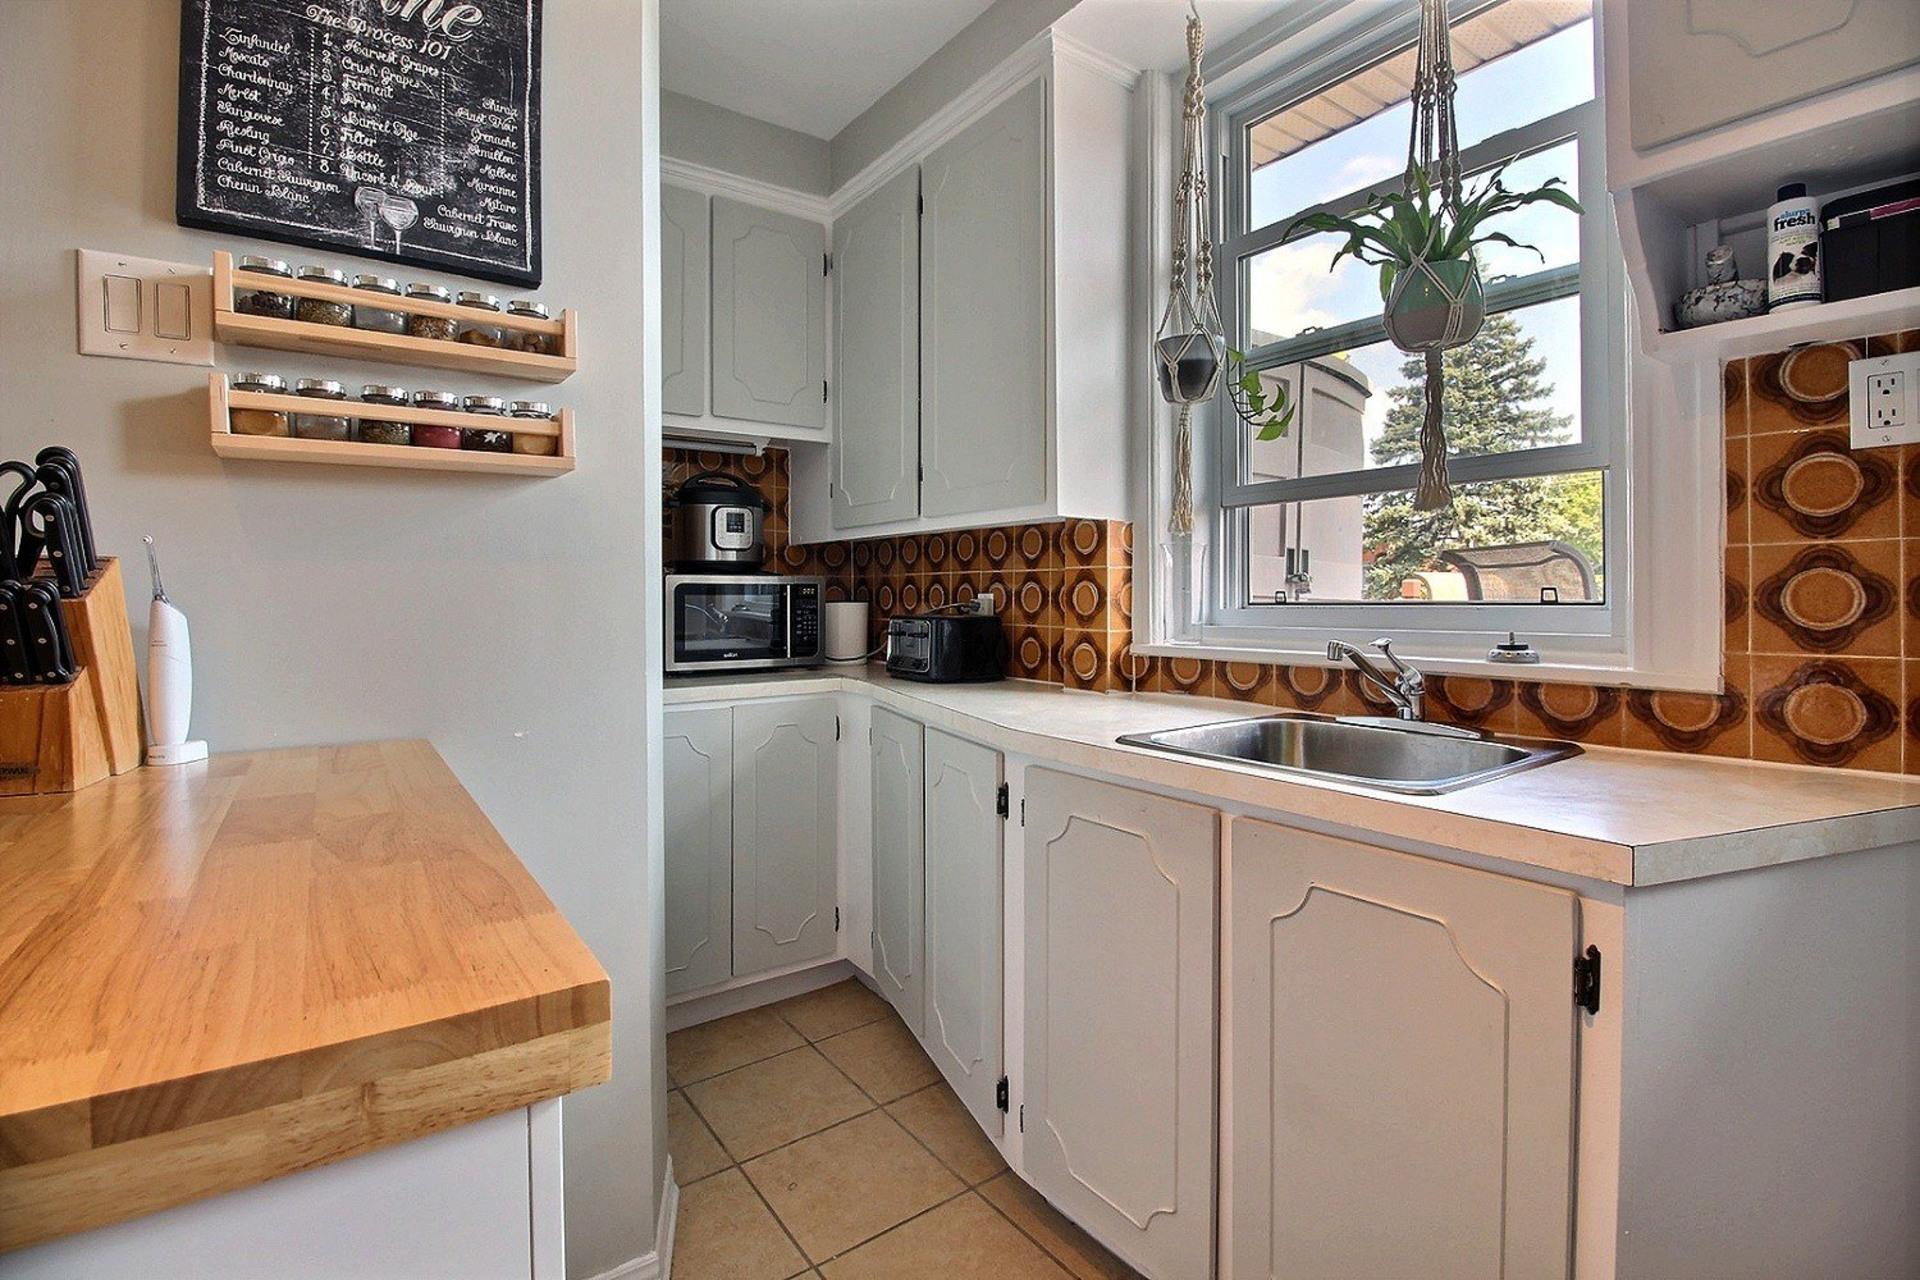 image 19 - Duplex For sale Mercier/Hochelaga-Maisonneuve Montréal  - 5 rooms